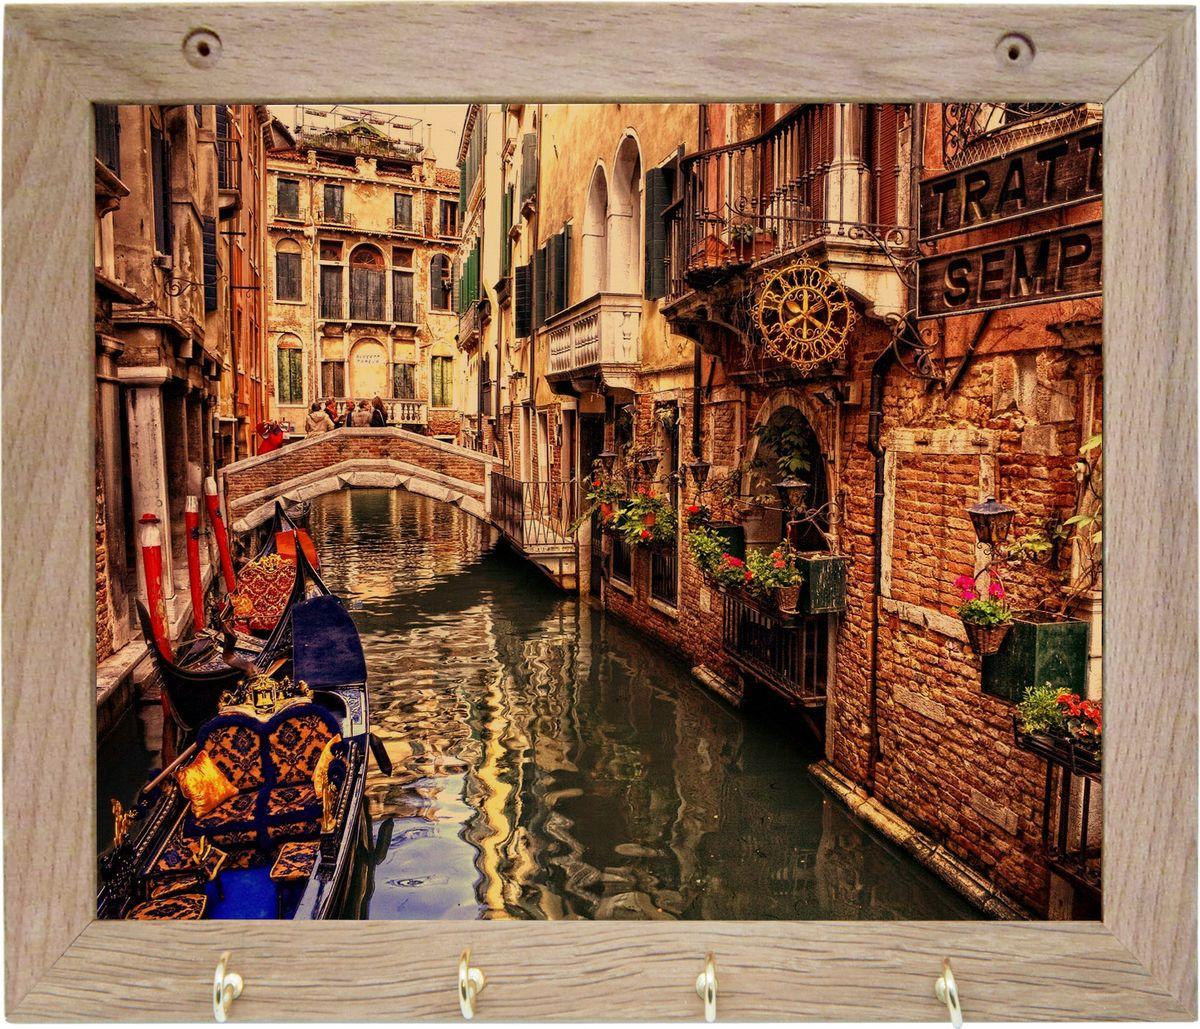 Вешалка GiftnHome Венеция, с 4 крючками, 20 х 25 смTH-VeniceArt-Casual - что значит буквально: повседневное искусство - это Новый тренд, новый стиль предложения обычных домашних аксессуаров в качестве элементов, задающих стиль и шарм окружающего пространства.Уникальное сочетание привычной функциональности и декоративной, интерьерной функции - это актуальная, современная тенденция от прогрессивных производителей товаров для дома. Вешалка для полотенец - это всем знакомый, понятный и нужный предмет в каждом доме.Проект GiftnHome предлагает серию изделий из натурального дерева (Eco-Life), в комбинации с модными цветными принтами на корпусе от Креативной студии AntonioK.Это изделия больше, чем просто крючки для полотенец, они несут интерьерное решение, зададут настроение и стиль на вашей кухне, столовой или дачной веранде. В серии Эко-Лайф, от GiftnHome - можно, так же приобрести ключницы, подносы и столики в постель из благородных пород дерева (бук, дуб), с актуальными дизайнами на поверхности древесины.